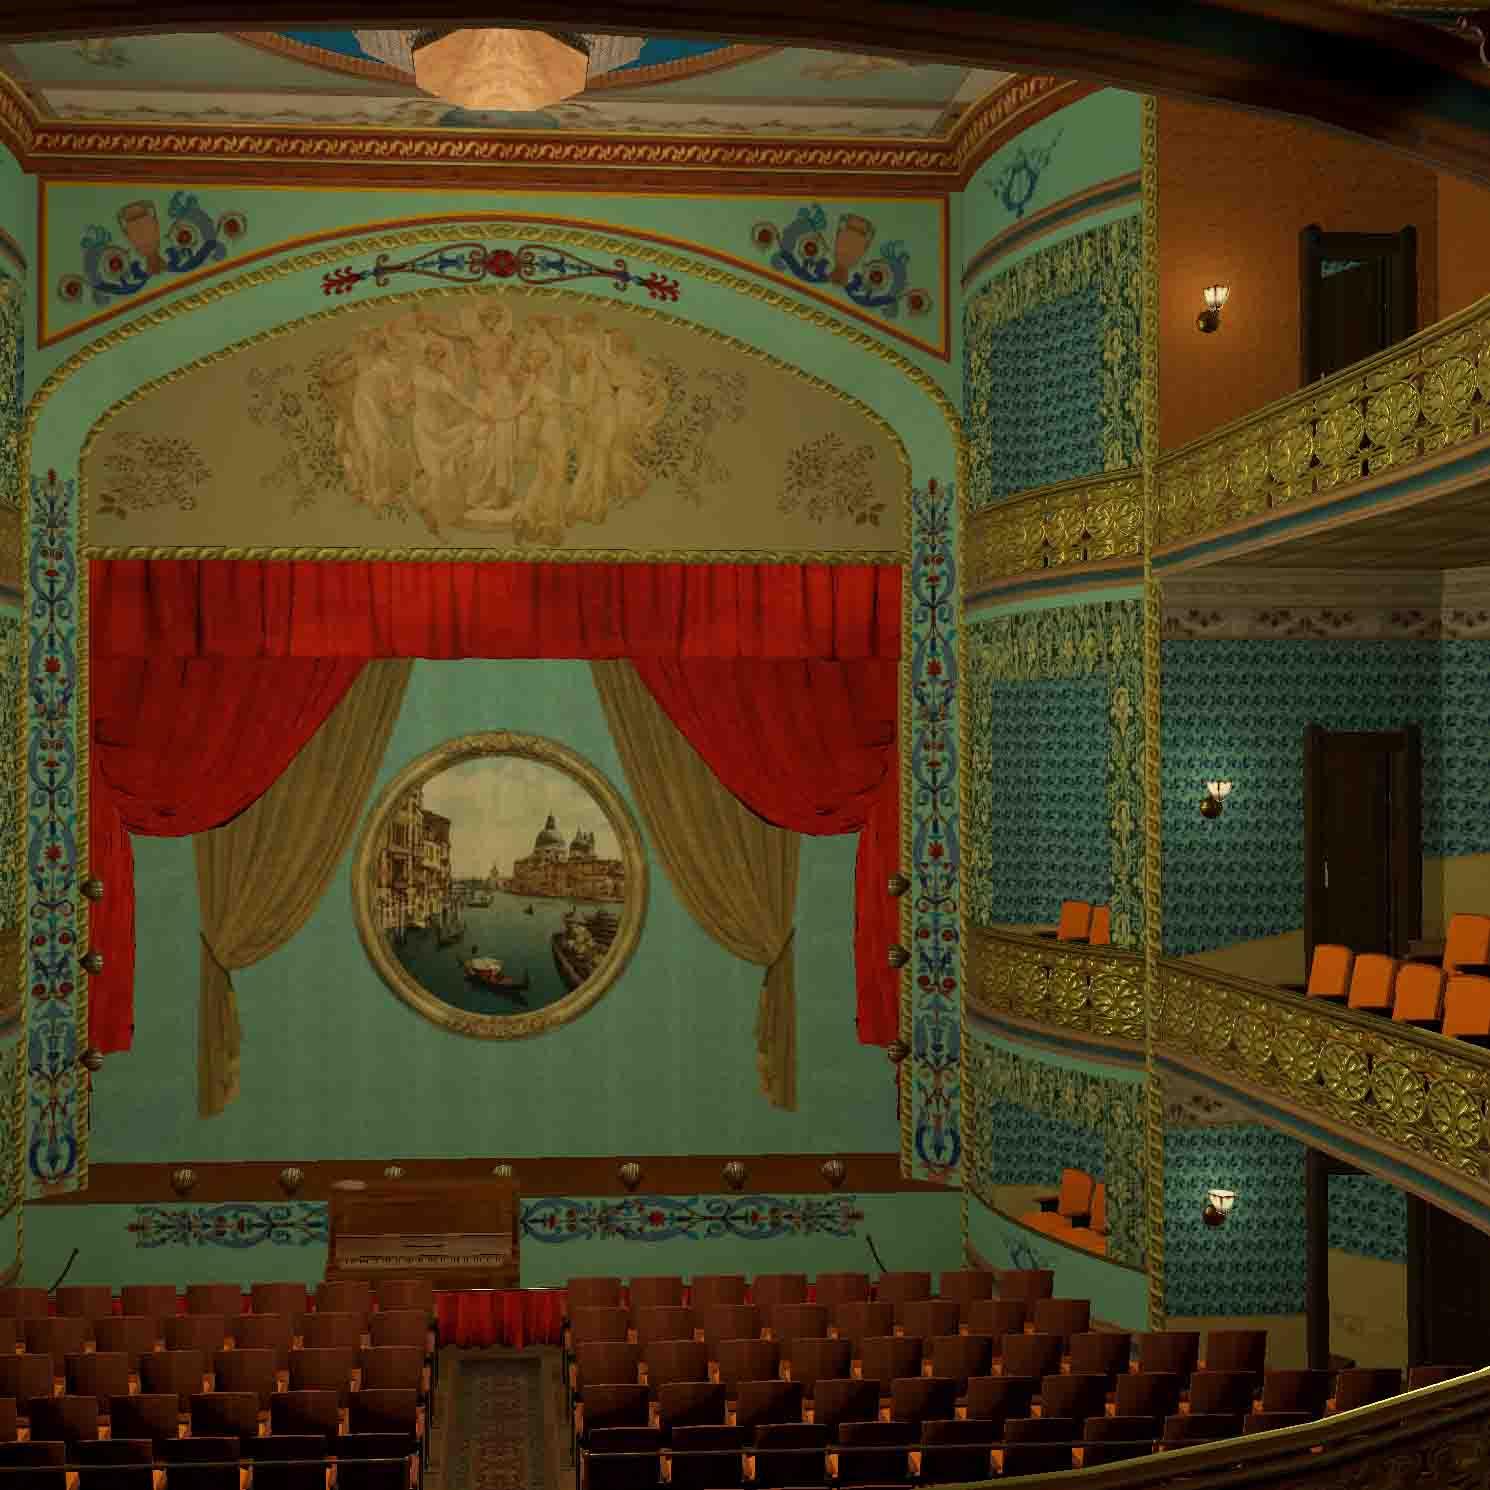 Victoria Theatre interior